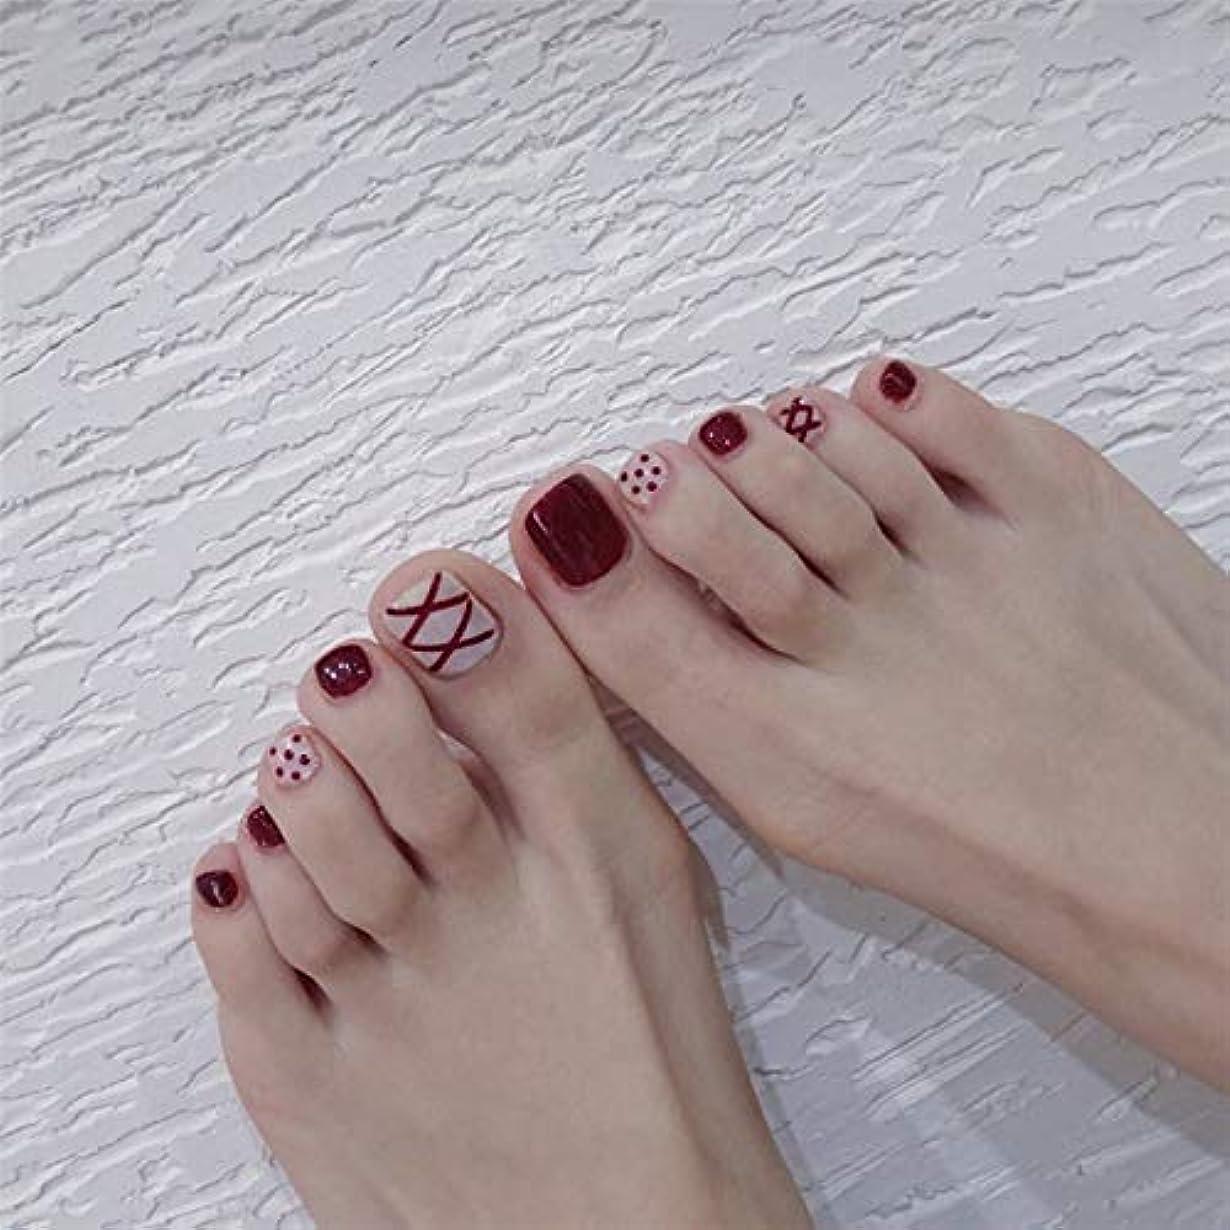 パイル熱意ささいなネイルチップ 24枚 12別サイズ つや 足の爪 ピンク 短い 四角形 フルカバー 水玉